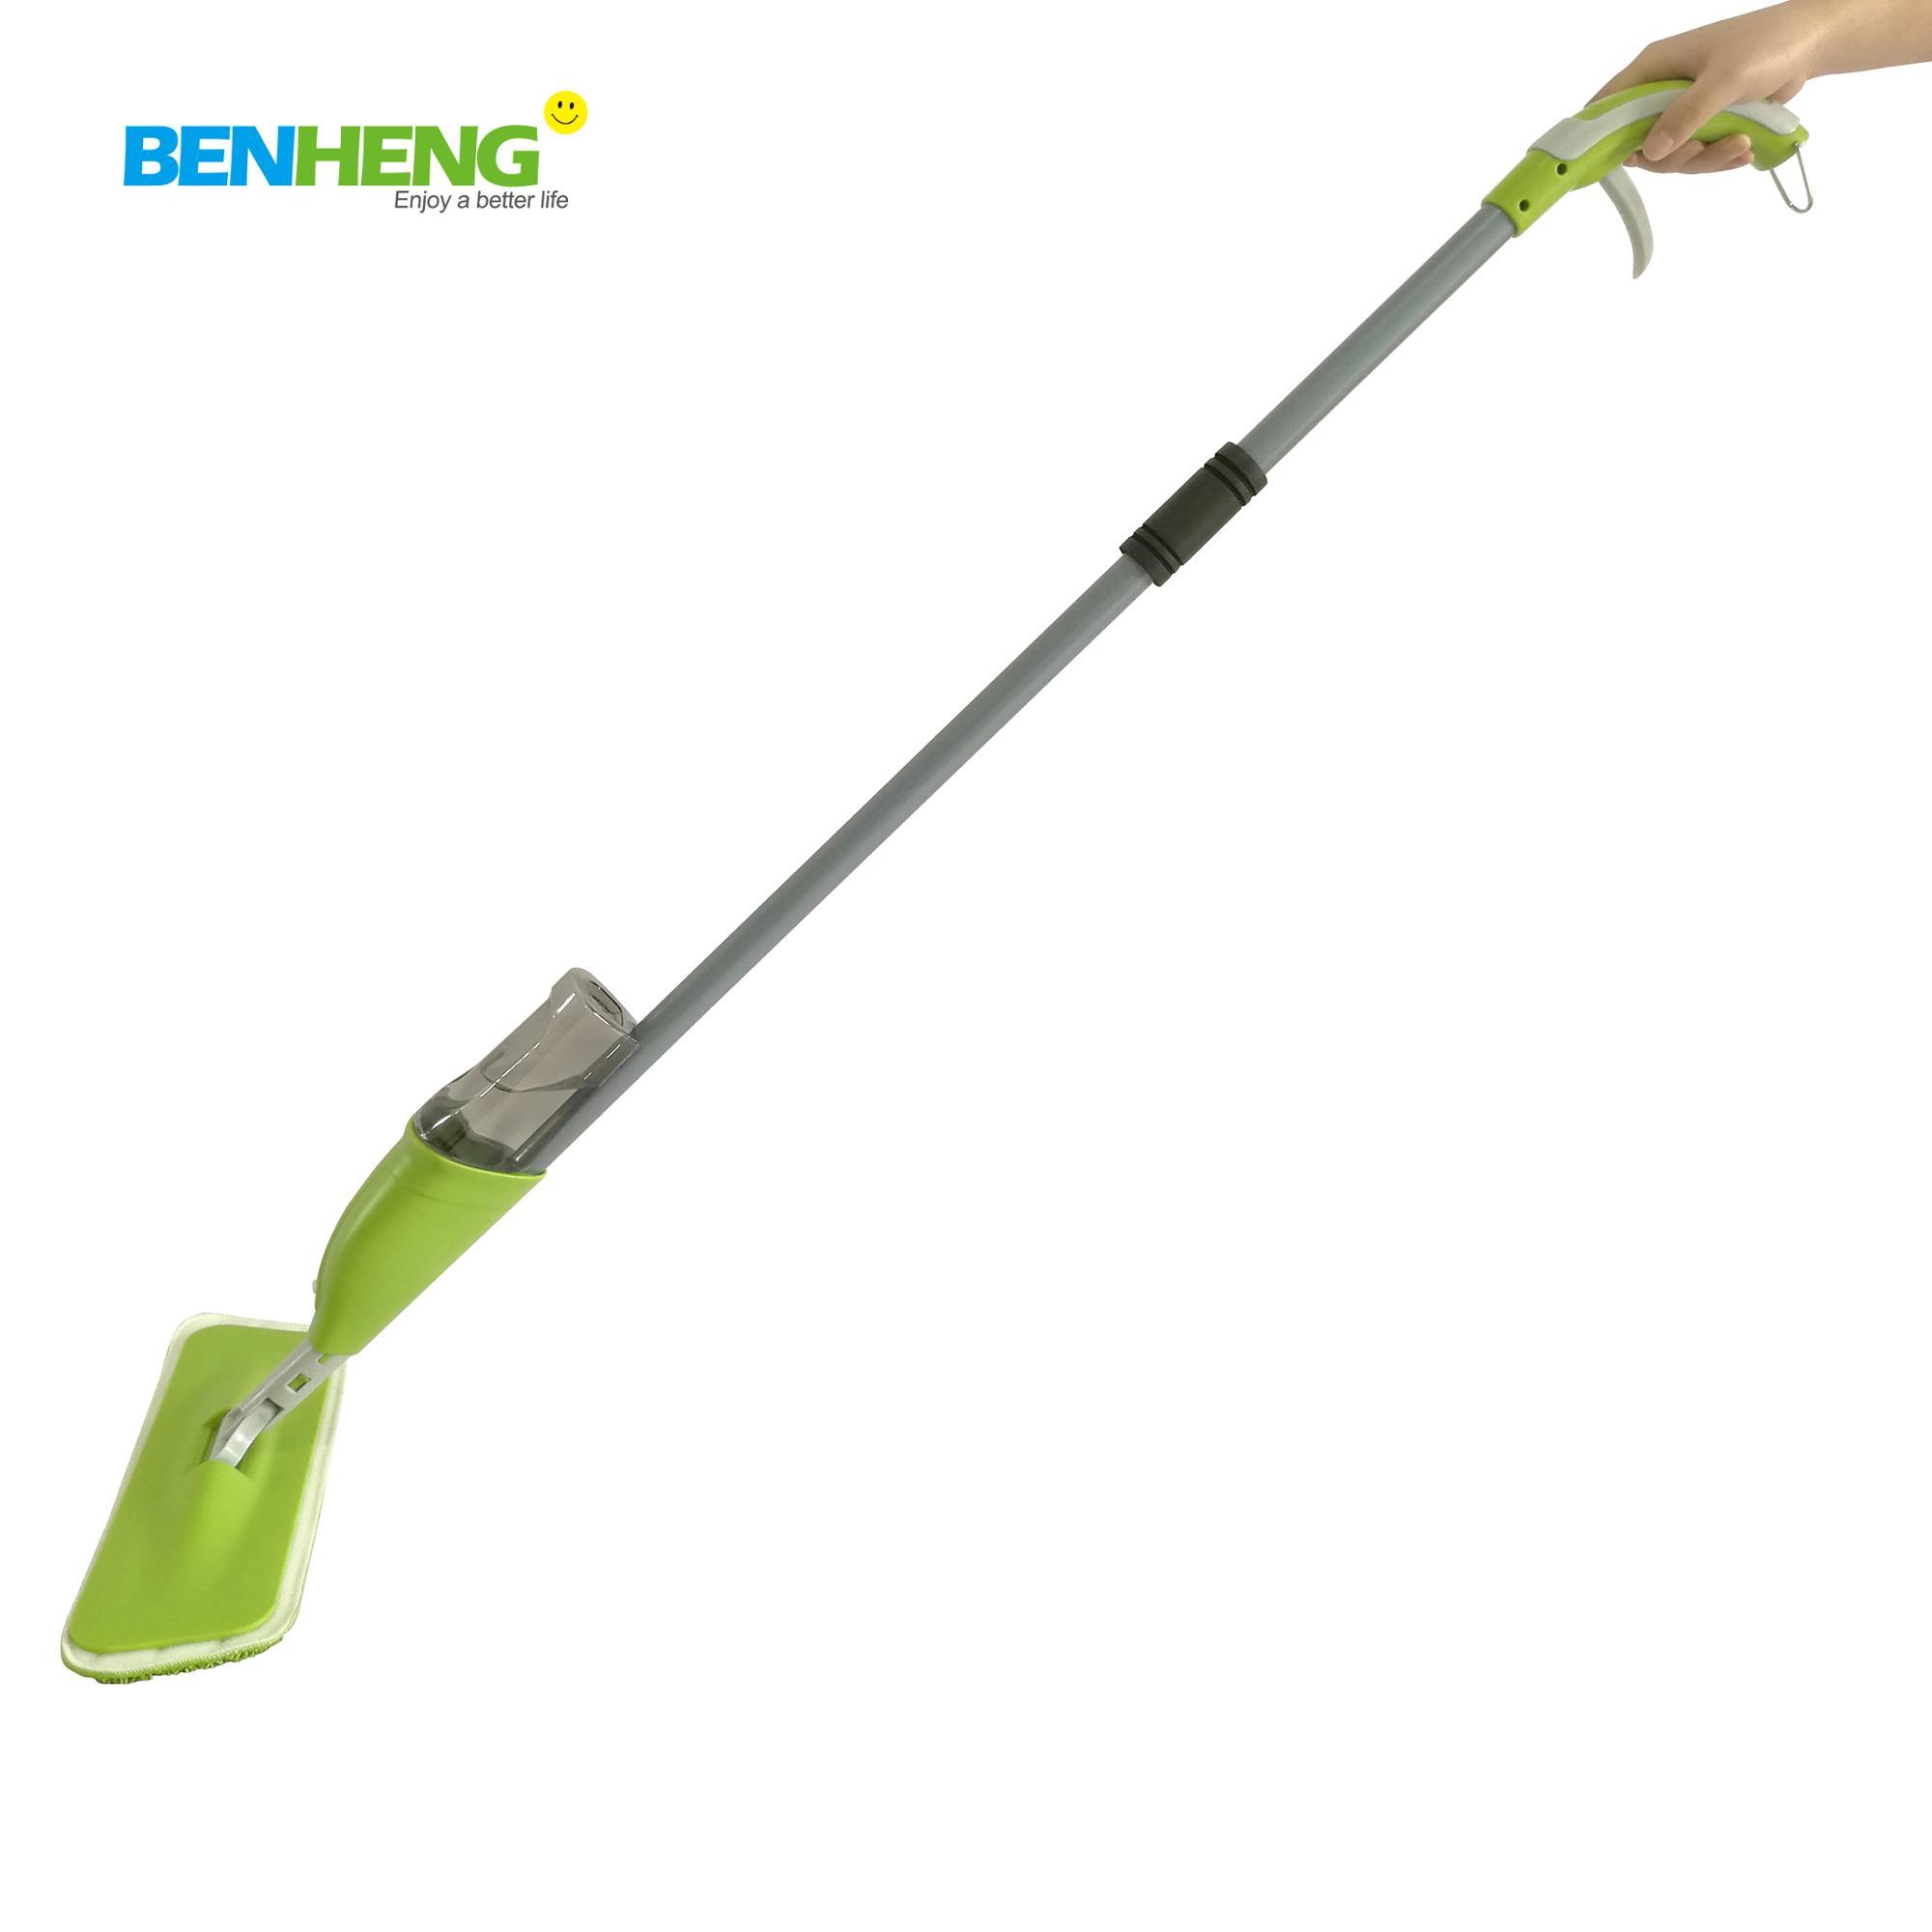 Wassersprühmopp Magic Spray Clean Mop Mikrofaser-Fußbodenspray und Reinigungsmop